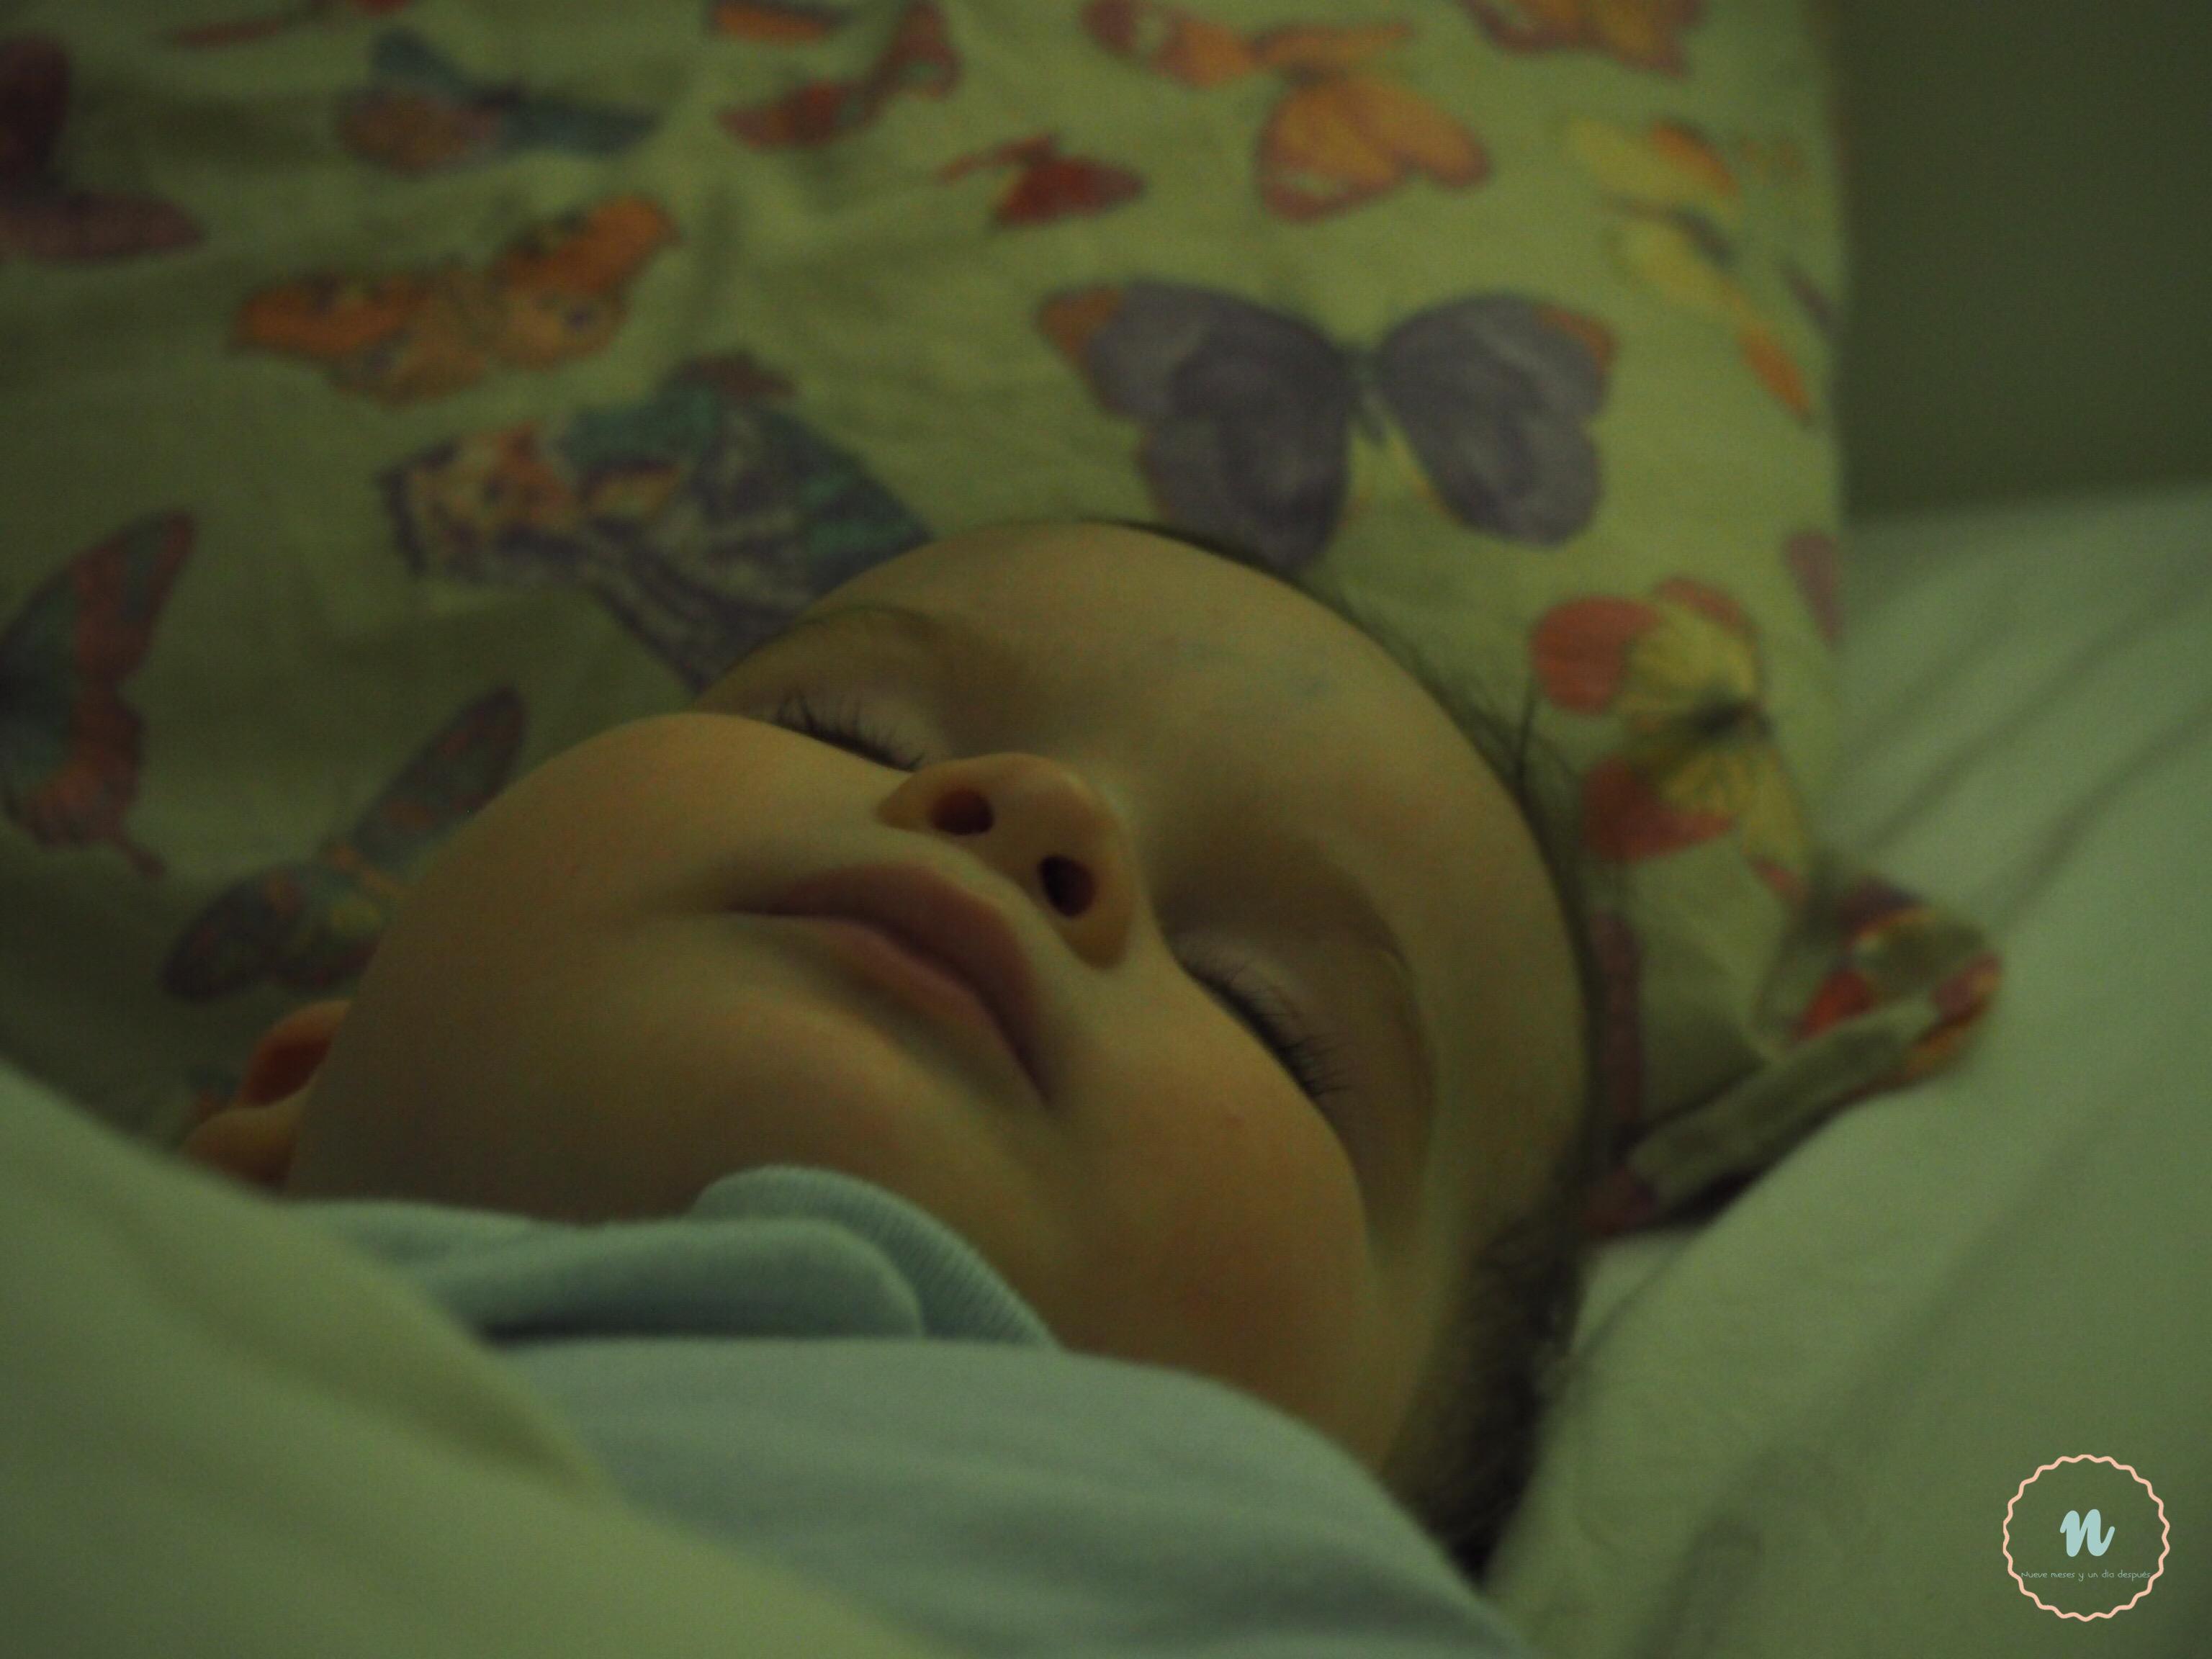 bebé durmiedo